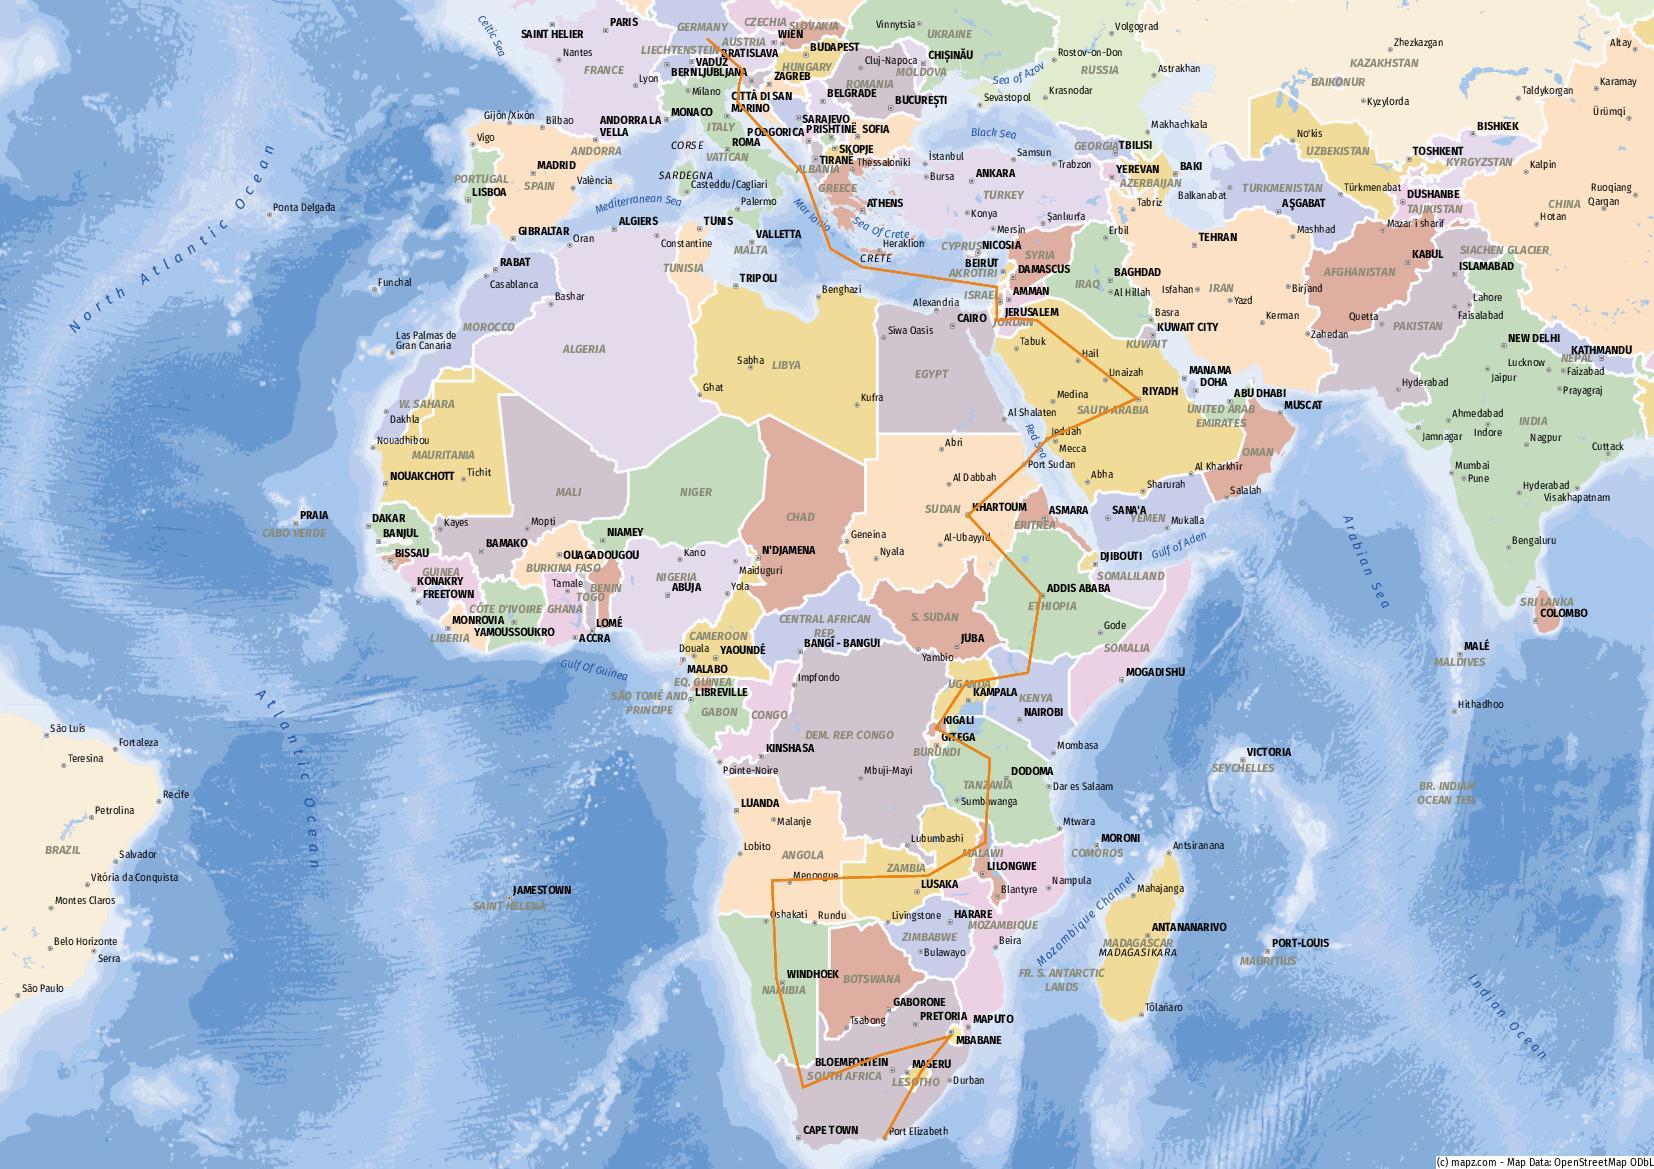 Reiseroute Mittlerer Osten und Afrika